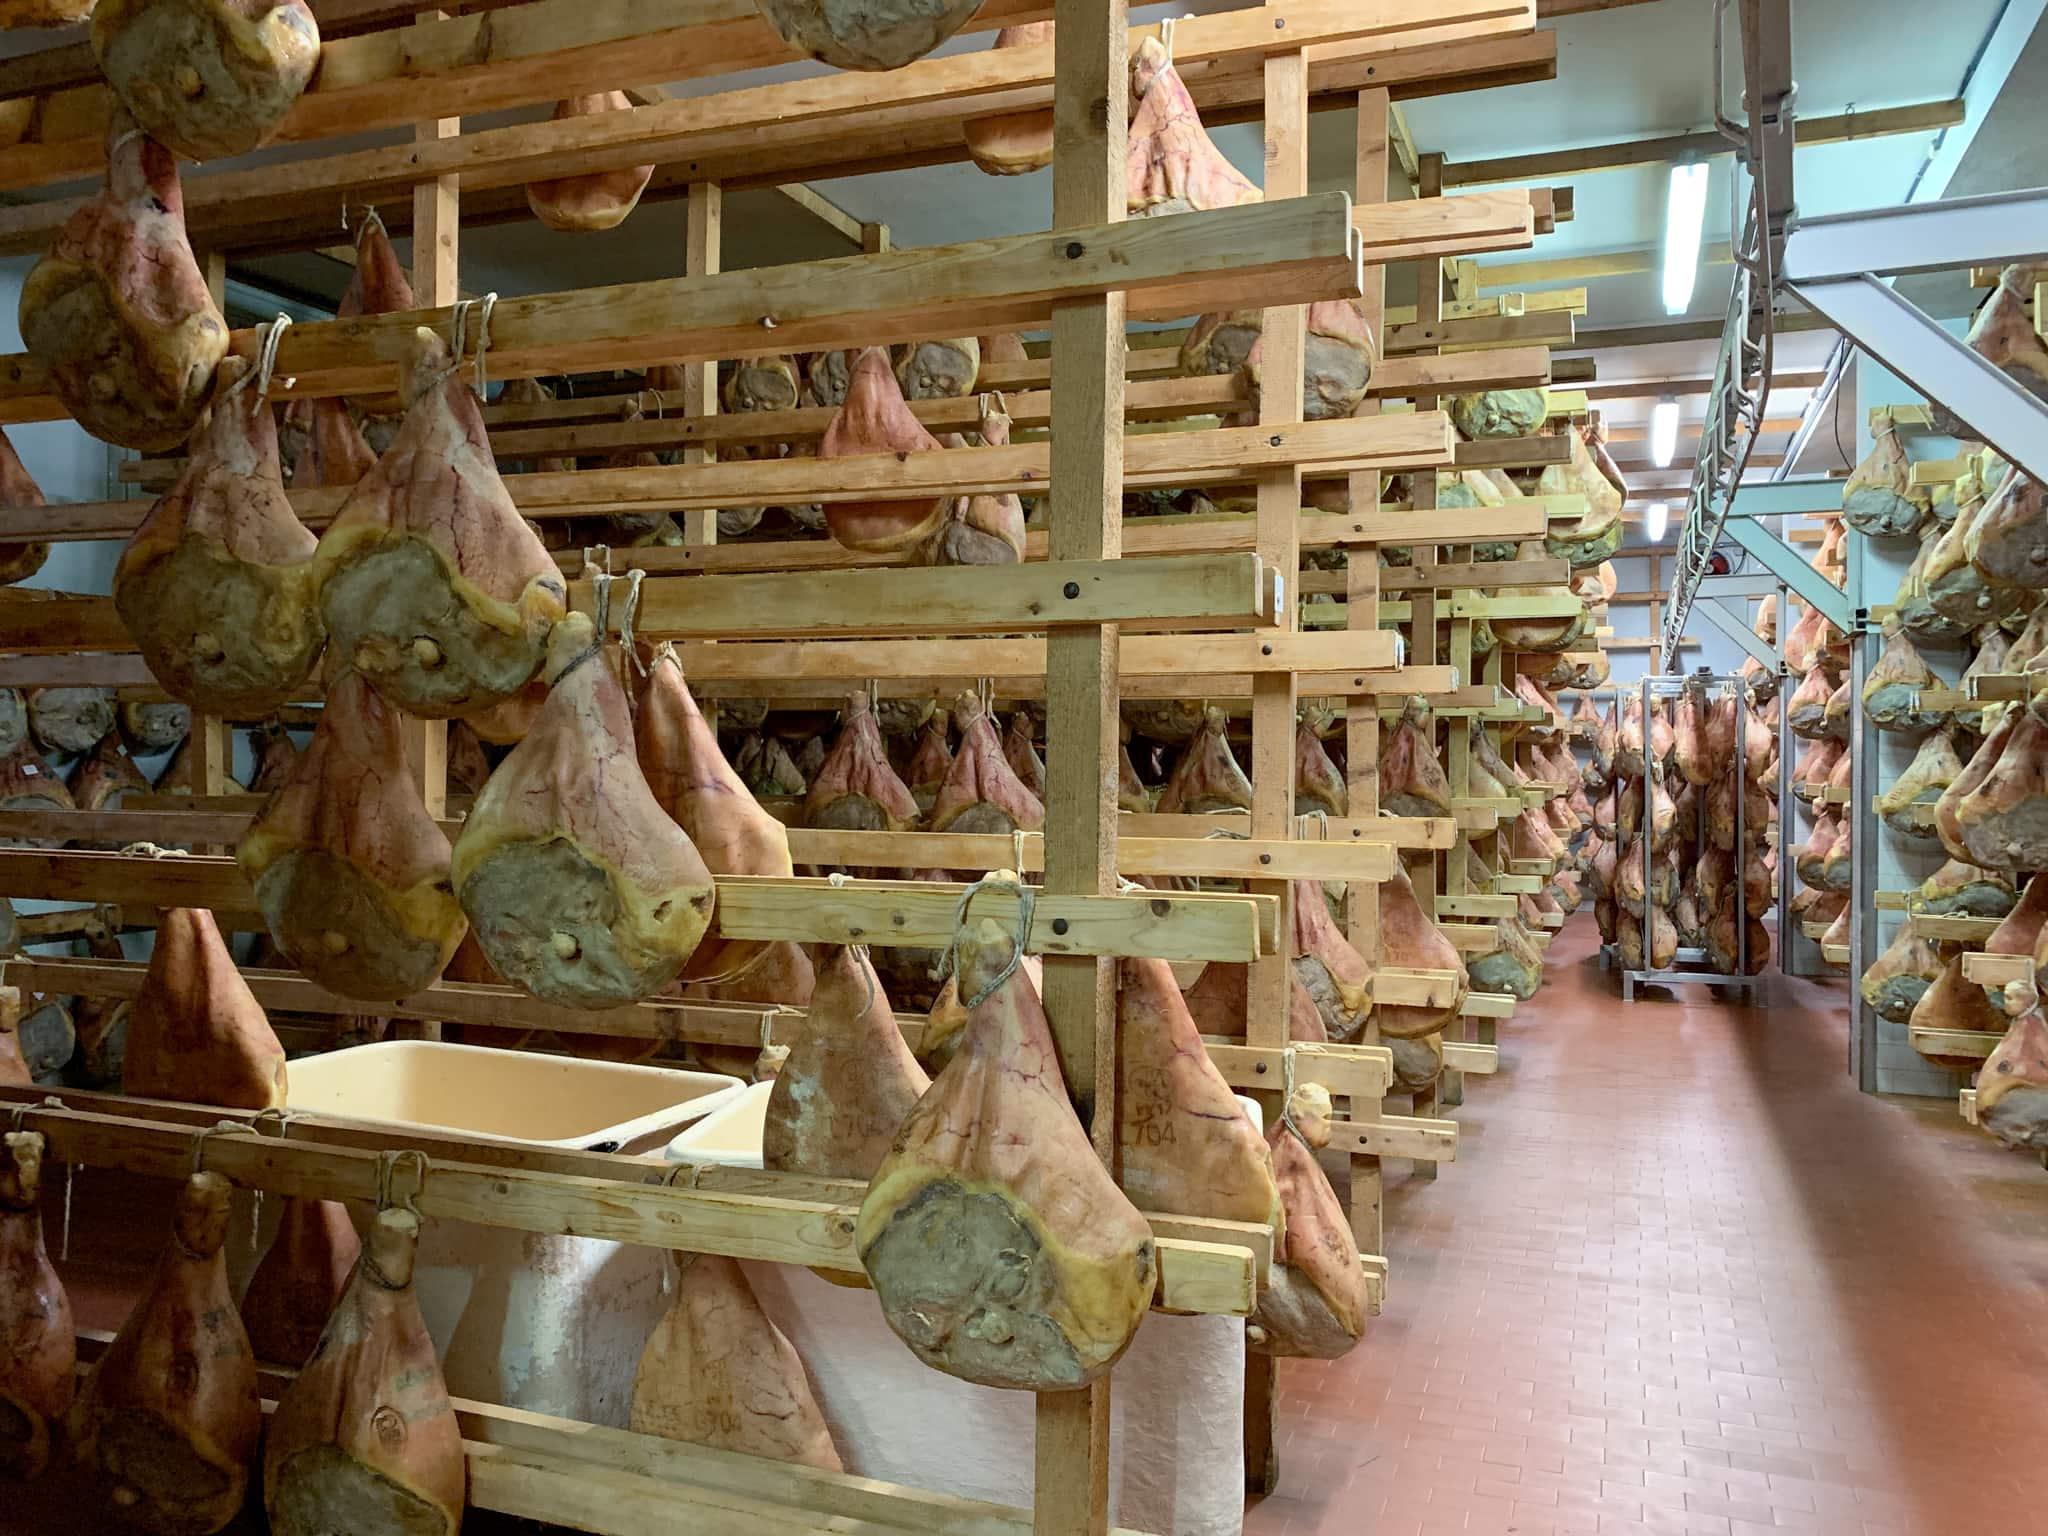 Prosciutto ages in a small factory in Emilia-Romagna